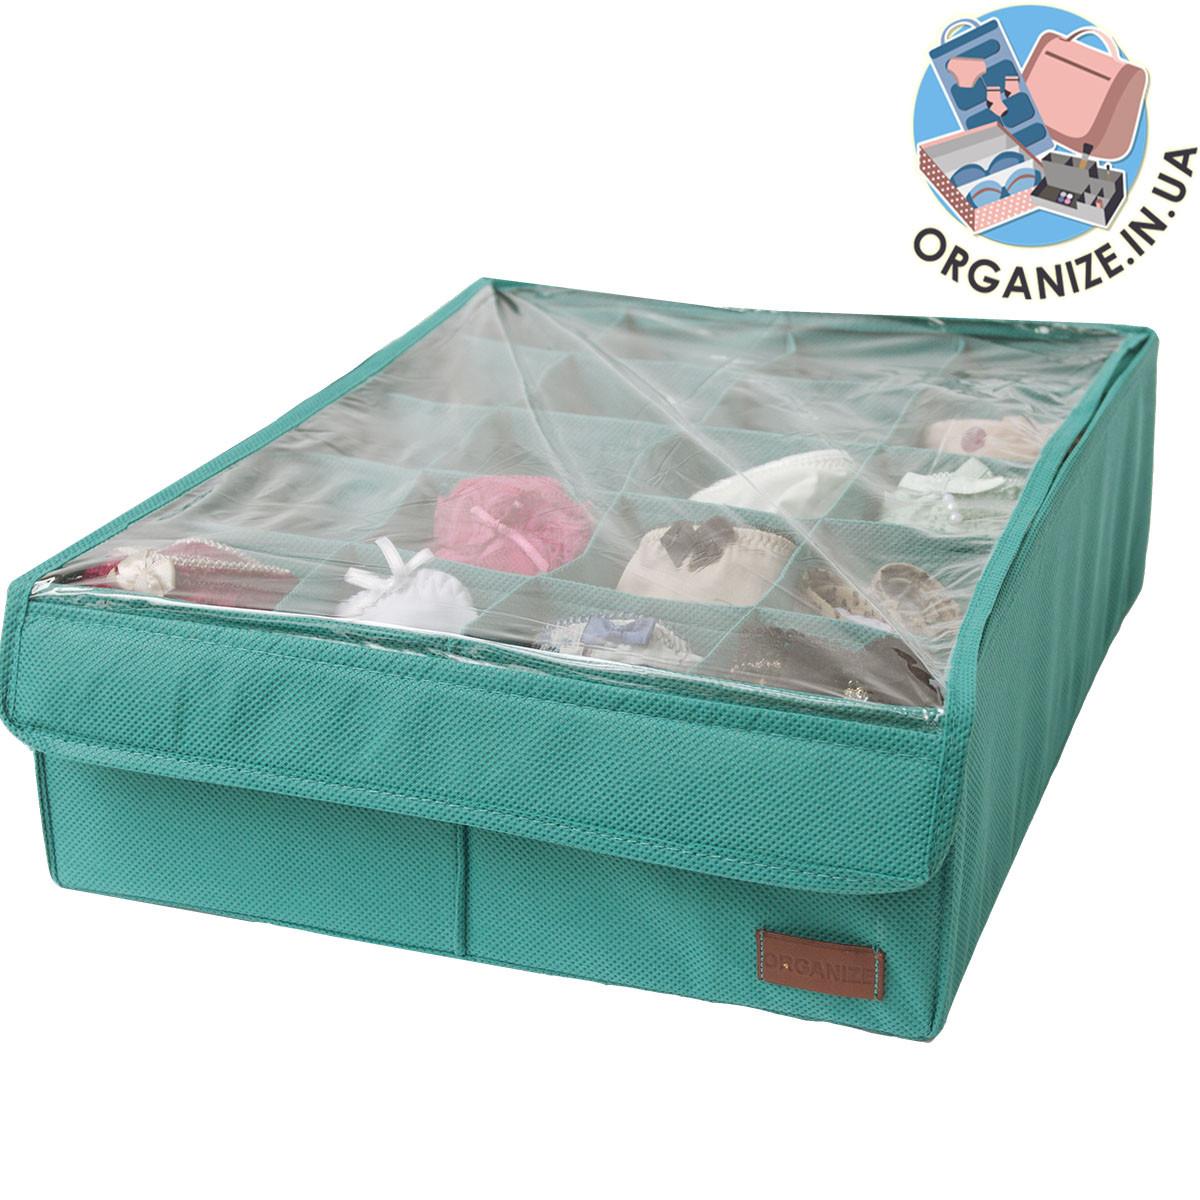 Коробочка для хранения трусиков с крышкой 20 ячеек ORGANIZE (лазурь)